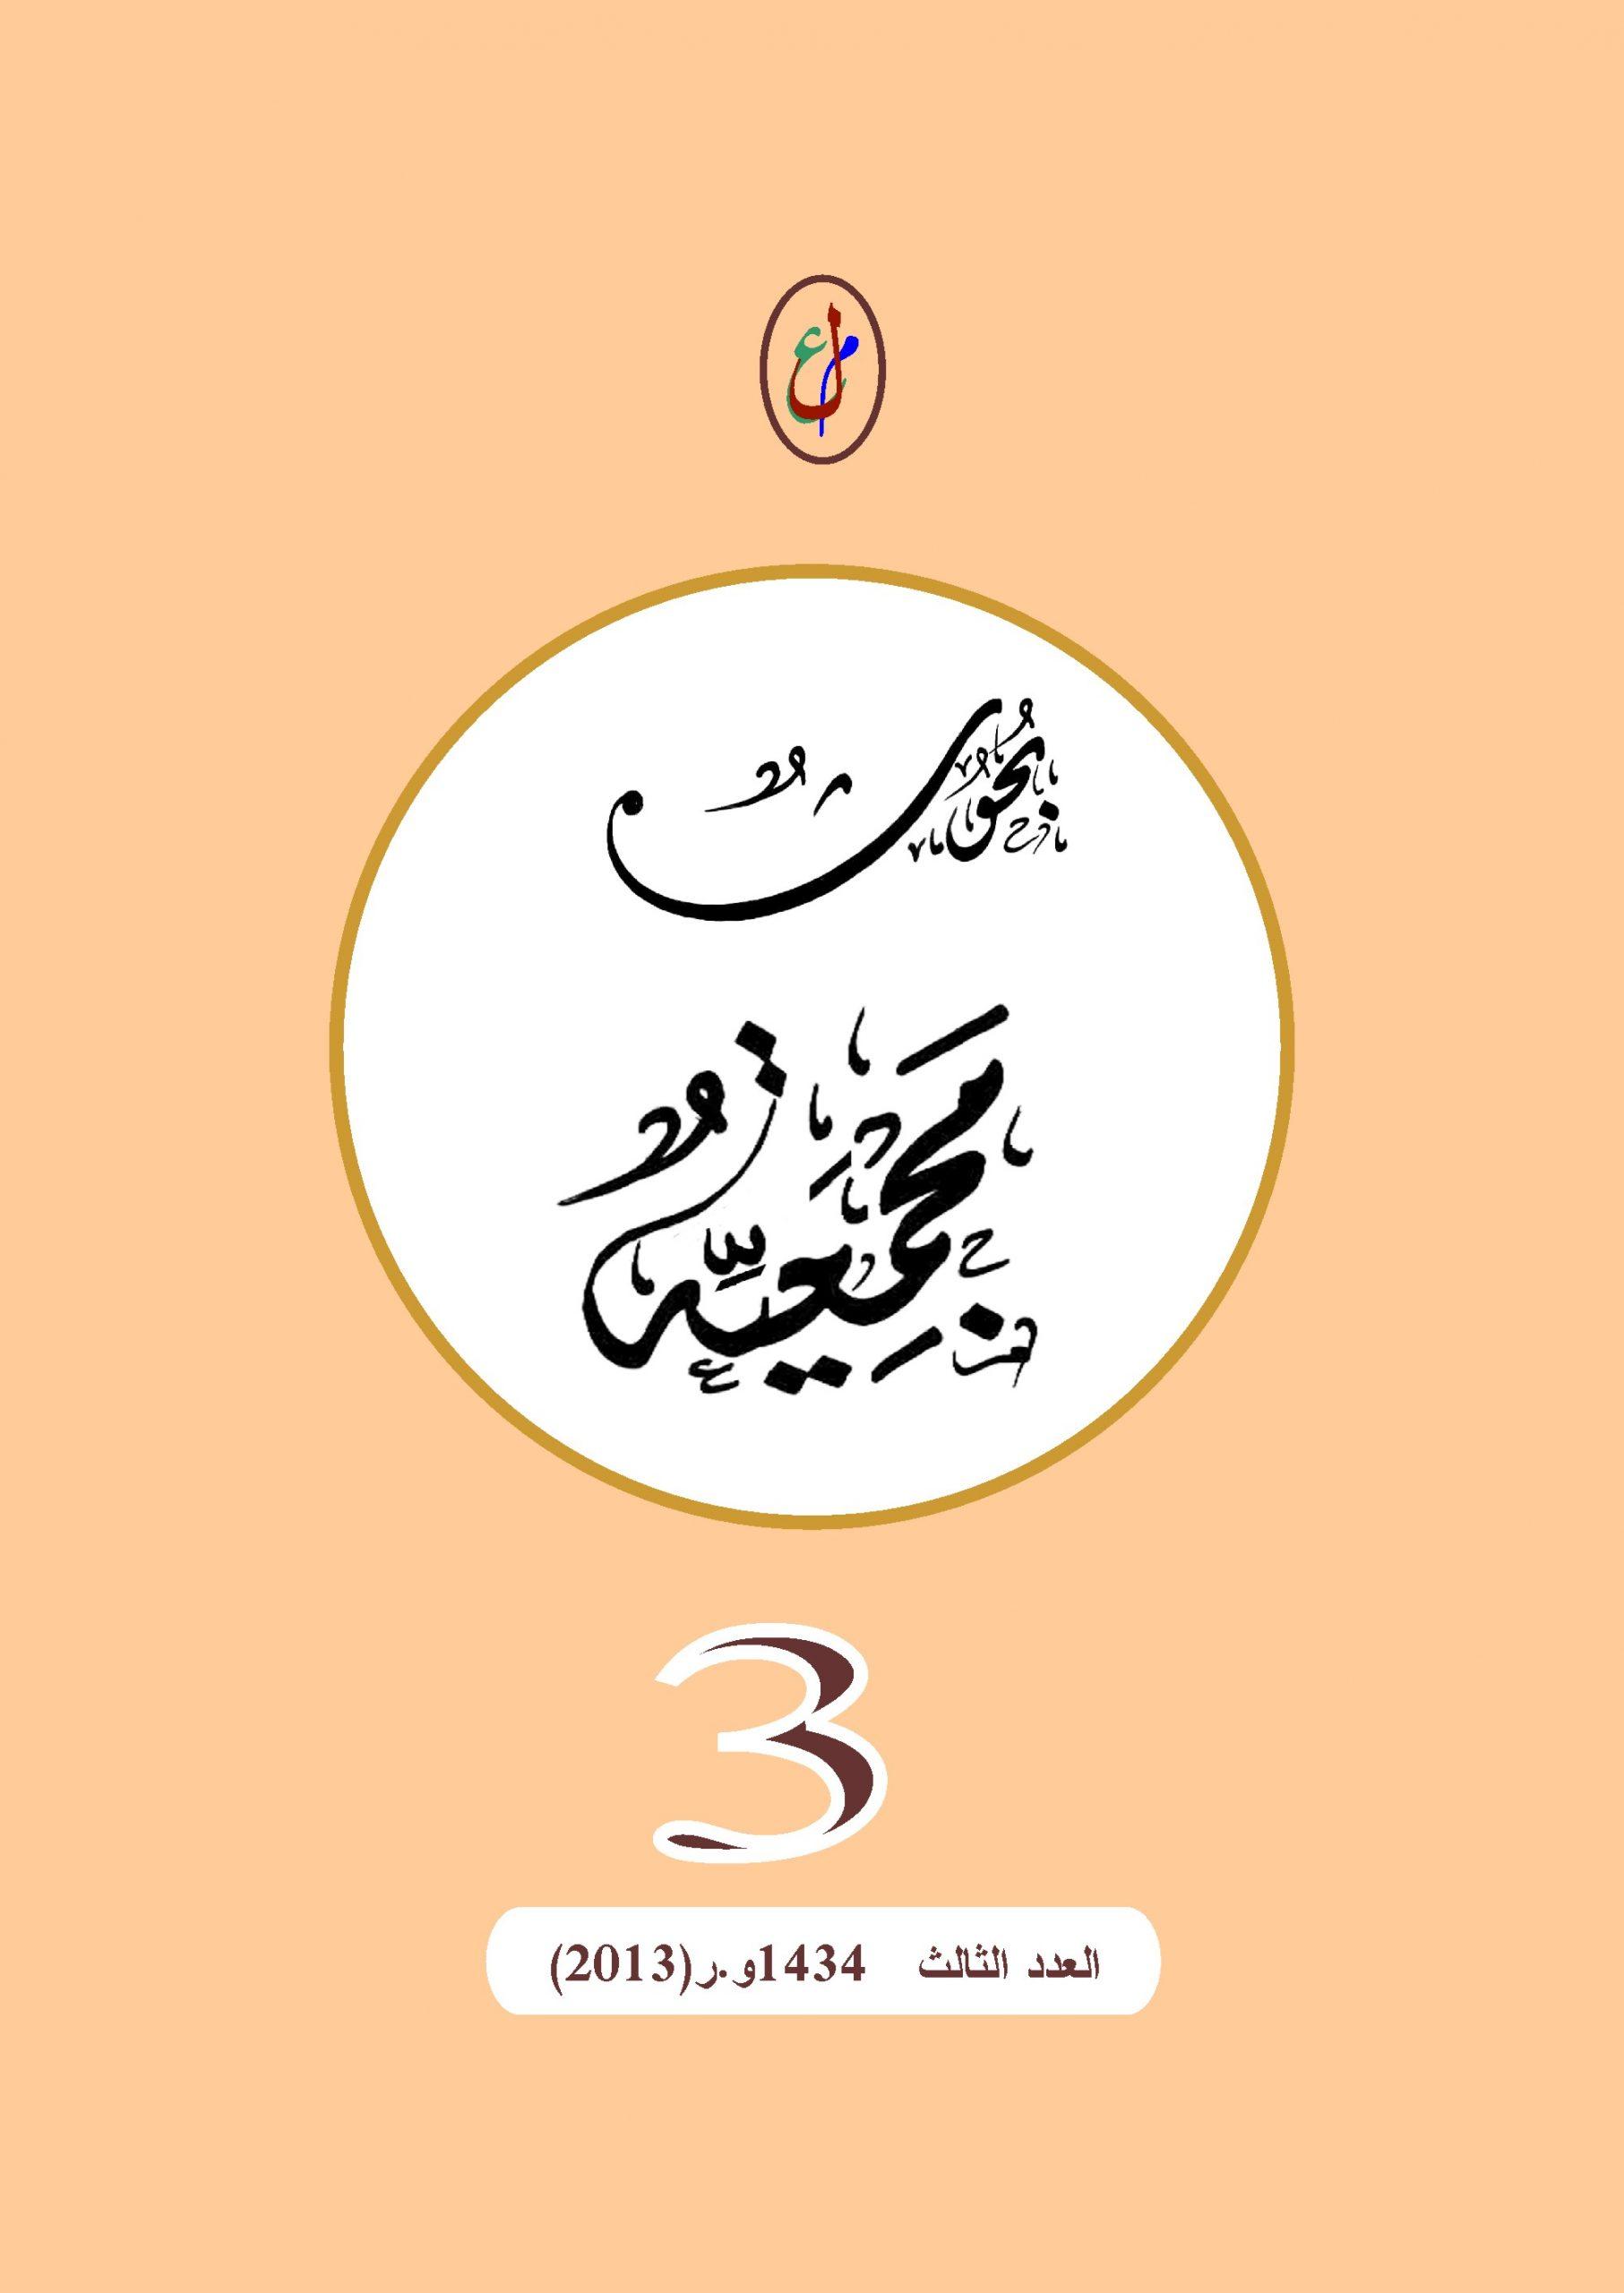 مجمع اللغة العربية الليبي / طرابلس - 1434هـ  (2013)